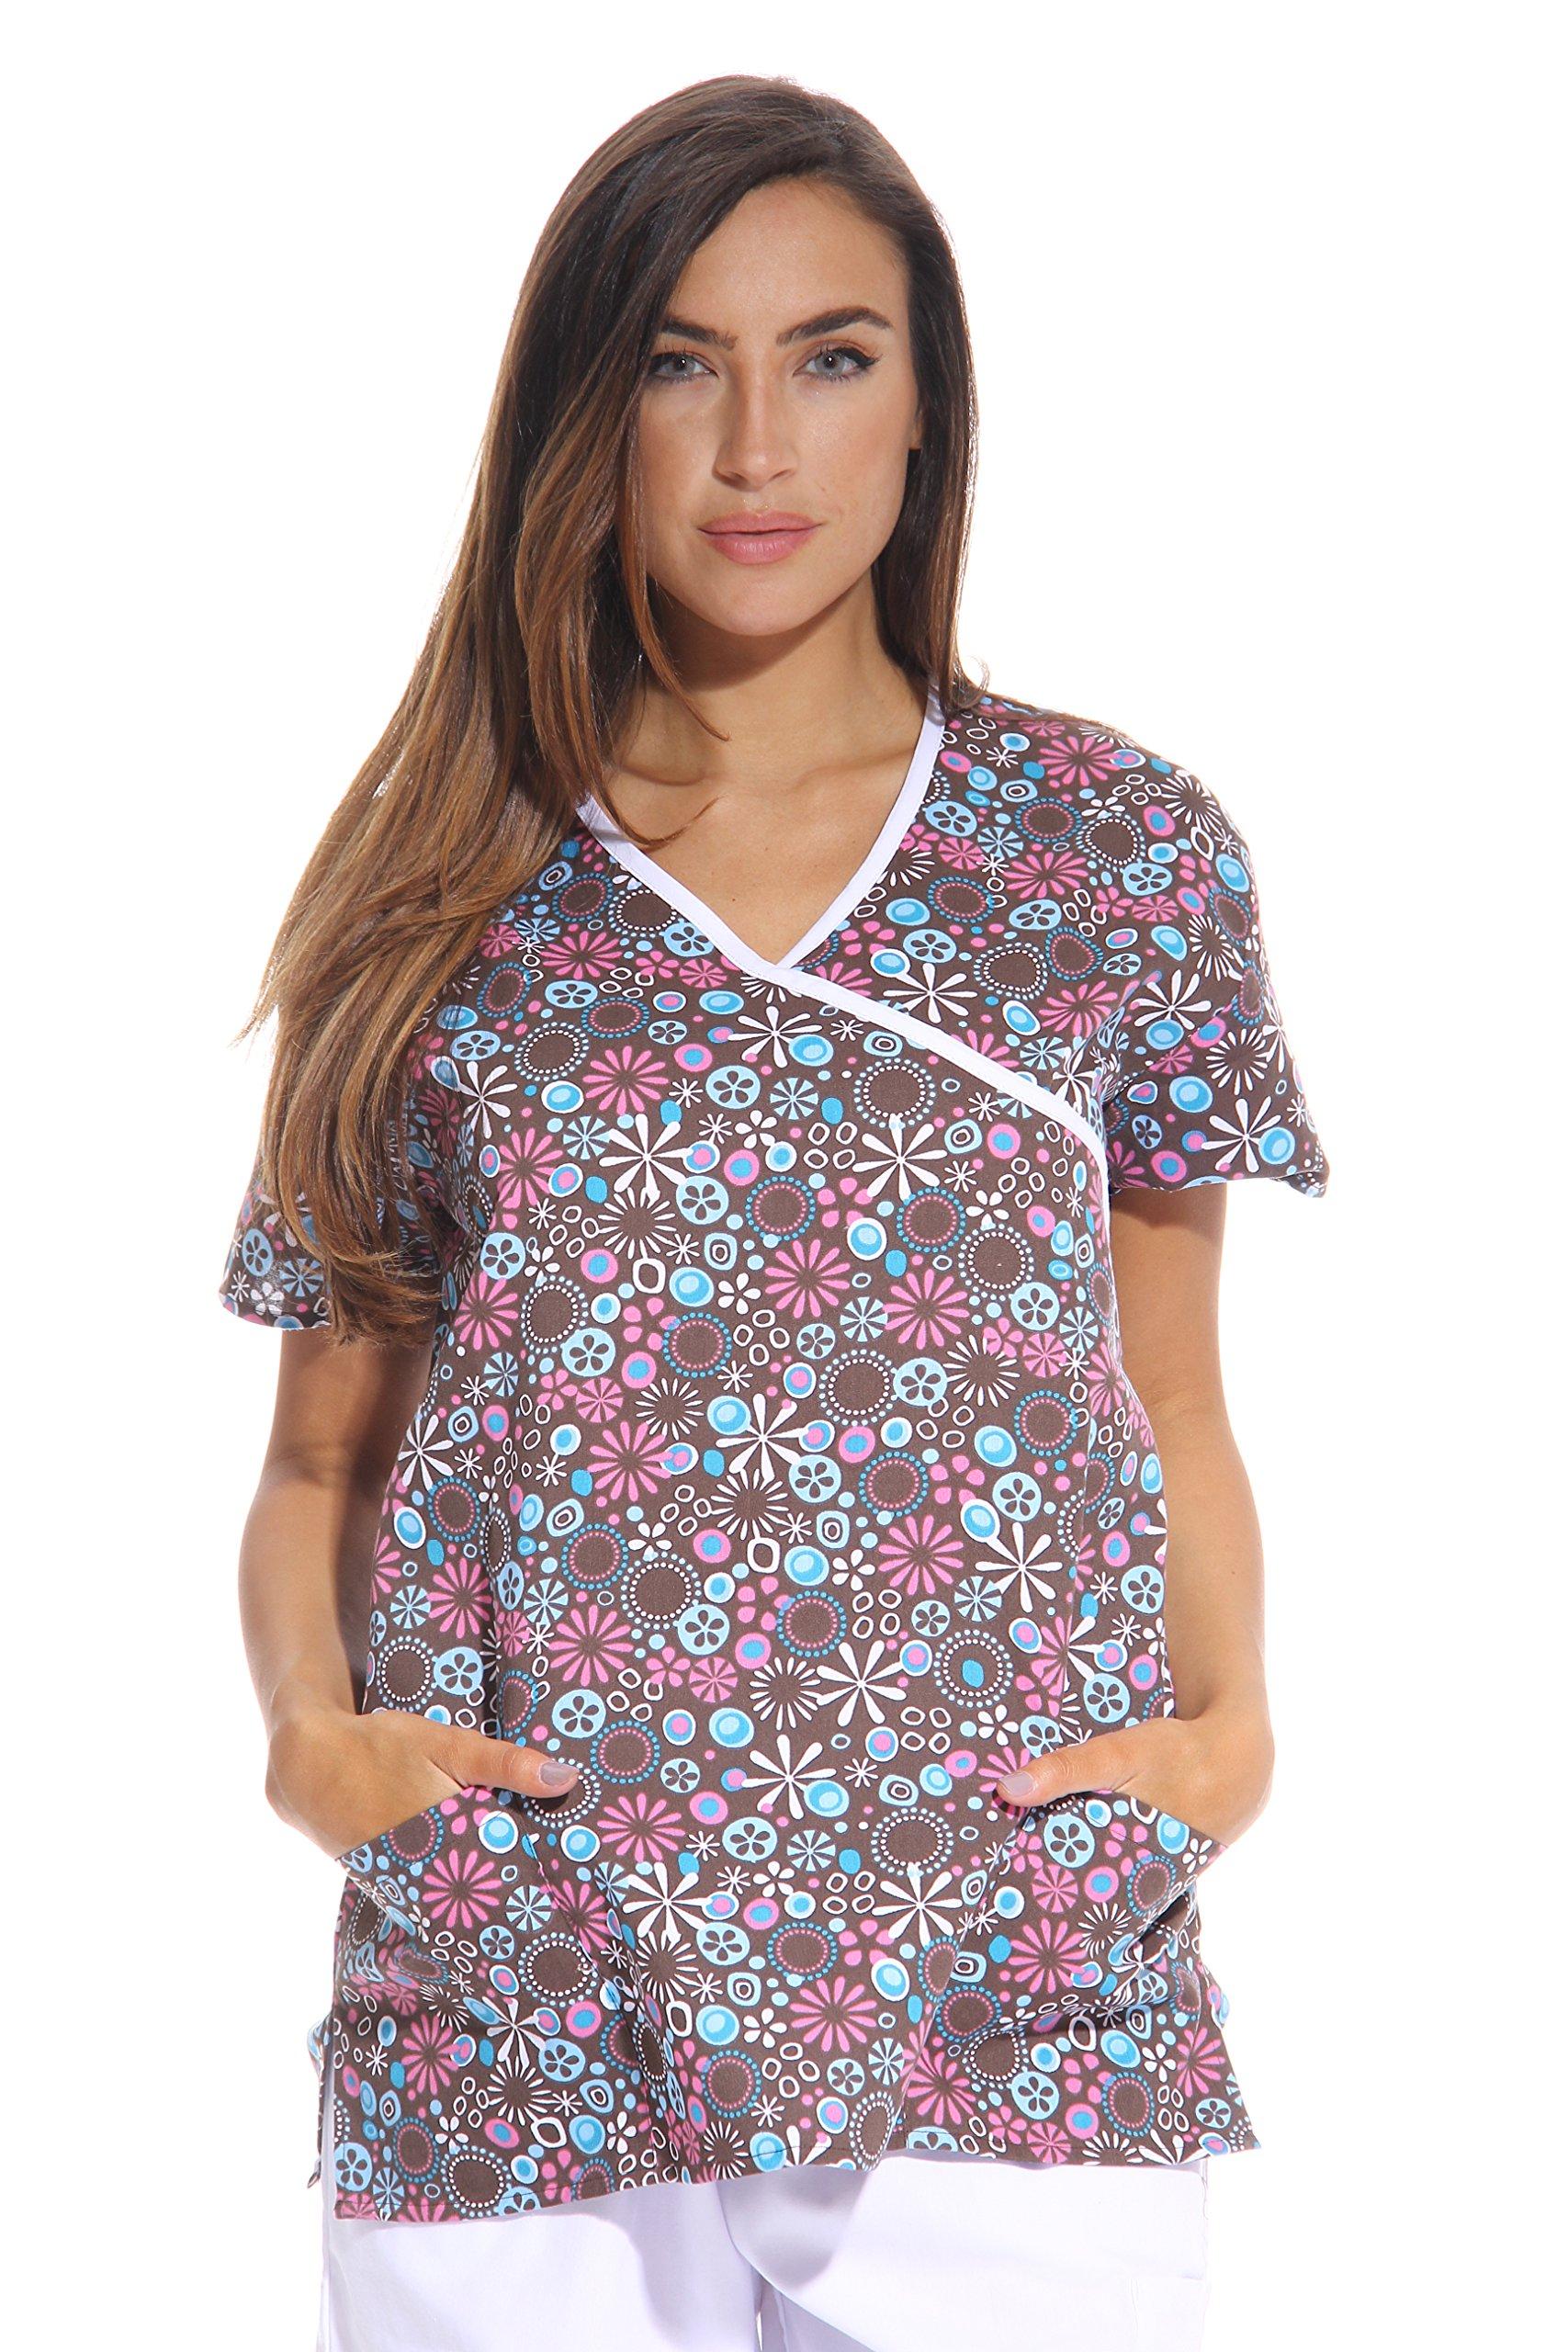 762e8aea440 Cheap Cute Nursing Scrubs, find Cute Nursing Scrubs deals on line at ...